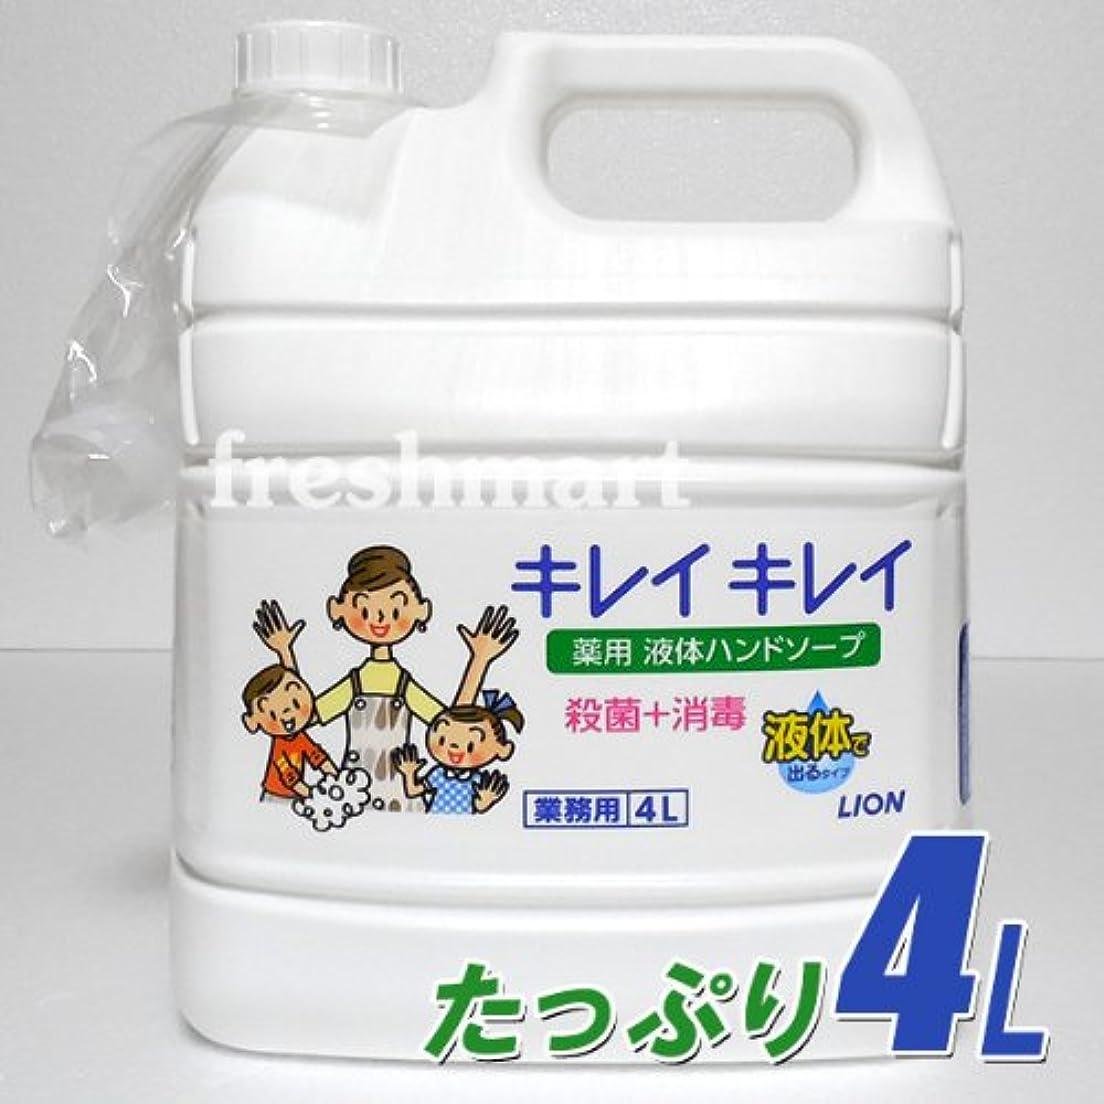 ニュース根拠謙虚な☆100%植物性洗浄成分使用☆ ライオン キレイキレイ 薬用液体ハンドソープ つめかえ用4L 業務用 大容量 ボトル